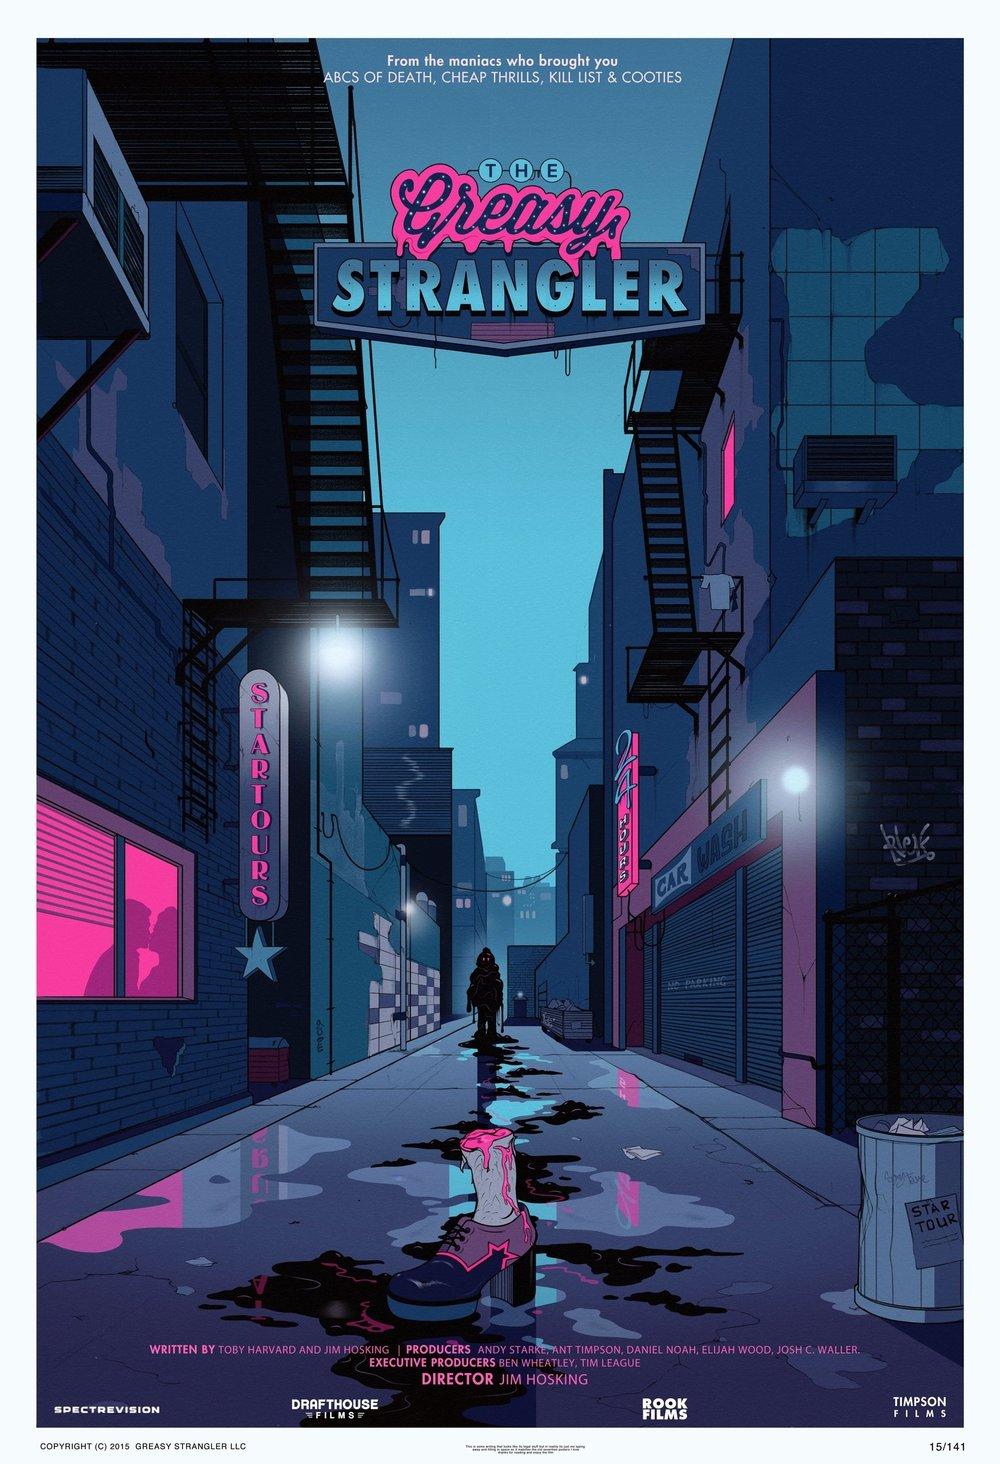 The-Greasy-Strangler-Poster.jpg